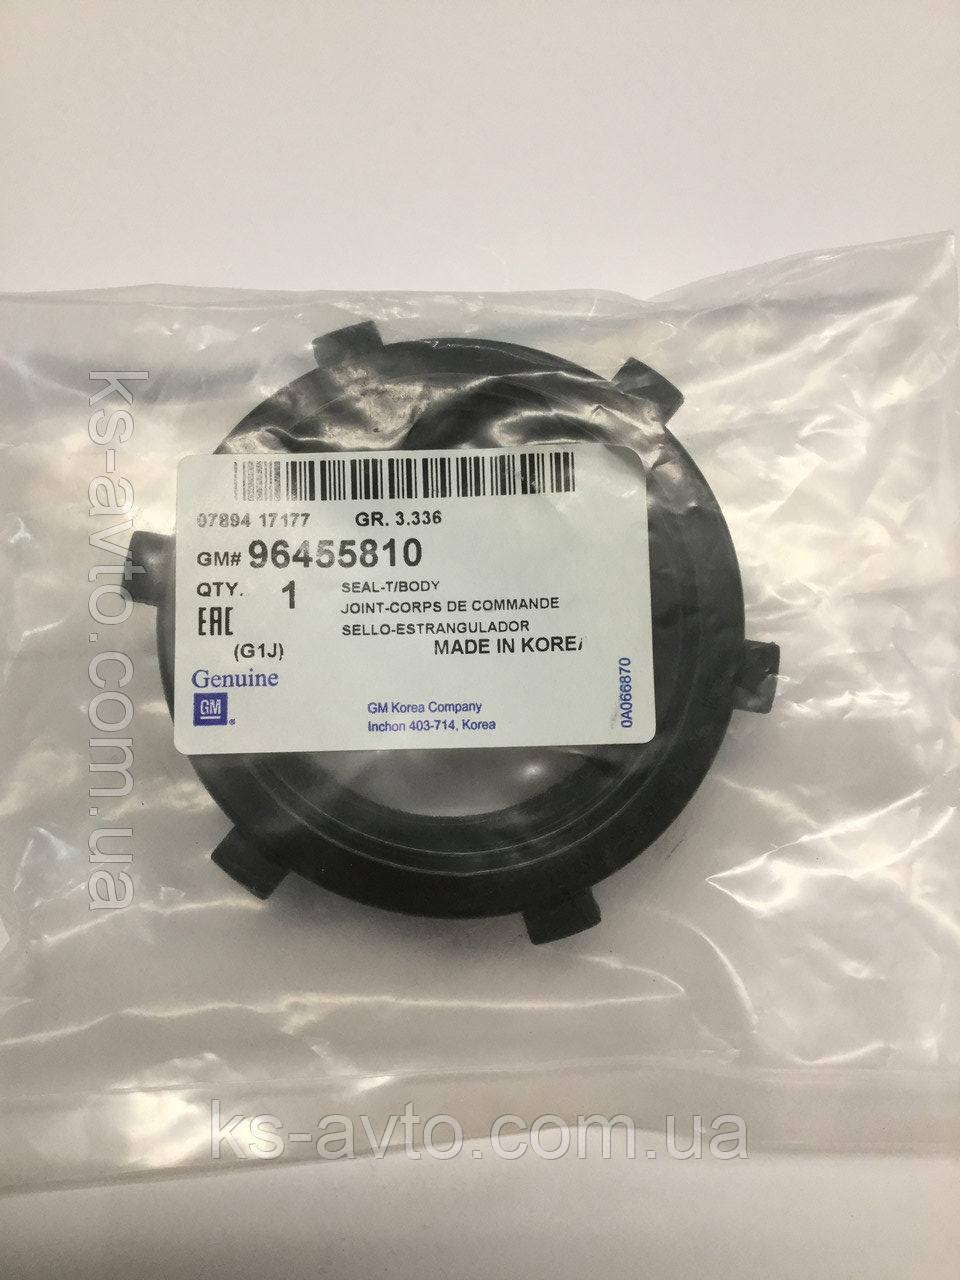 Прокладка впускного резонатора (корпуса дроссельной заслонки) Лачетти 1.8 GM